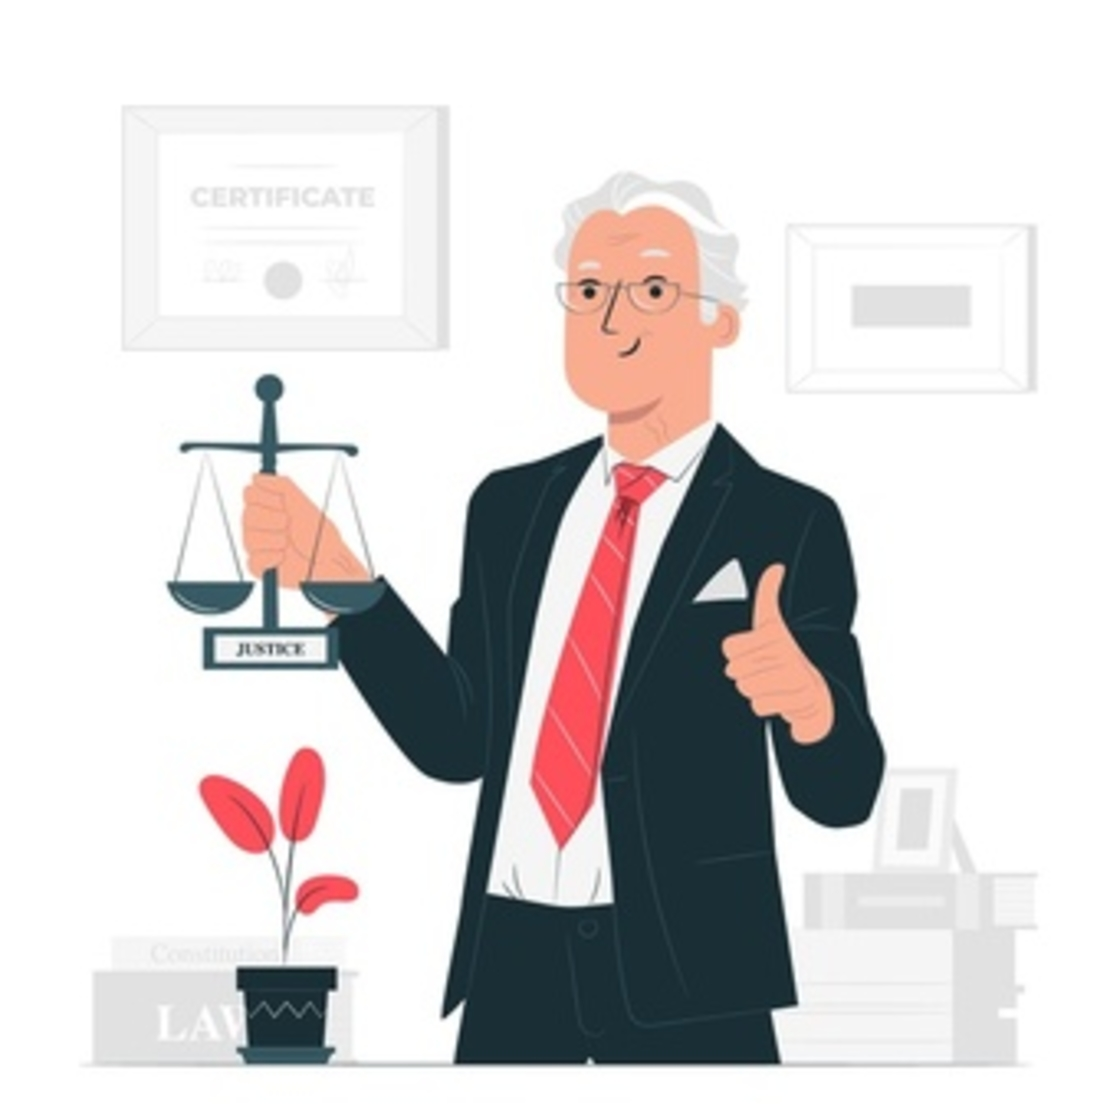 קורס חשבי שכר במחיר מיוחד לעורכי דין